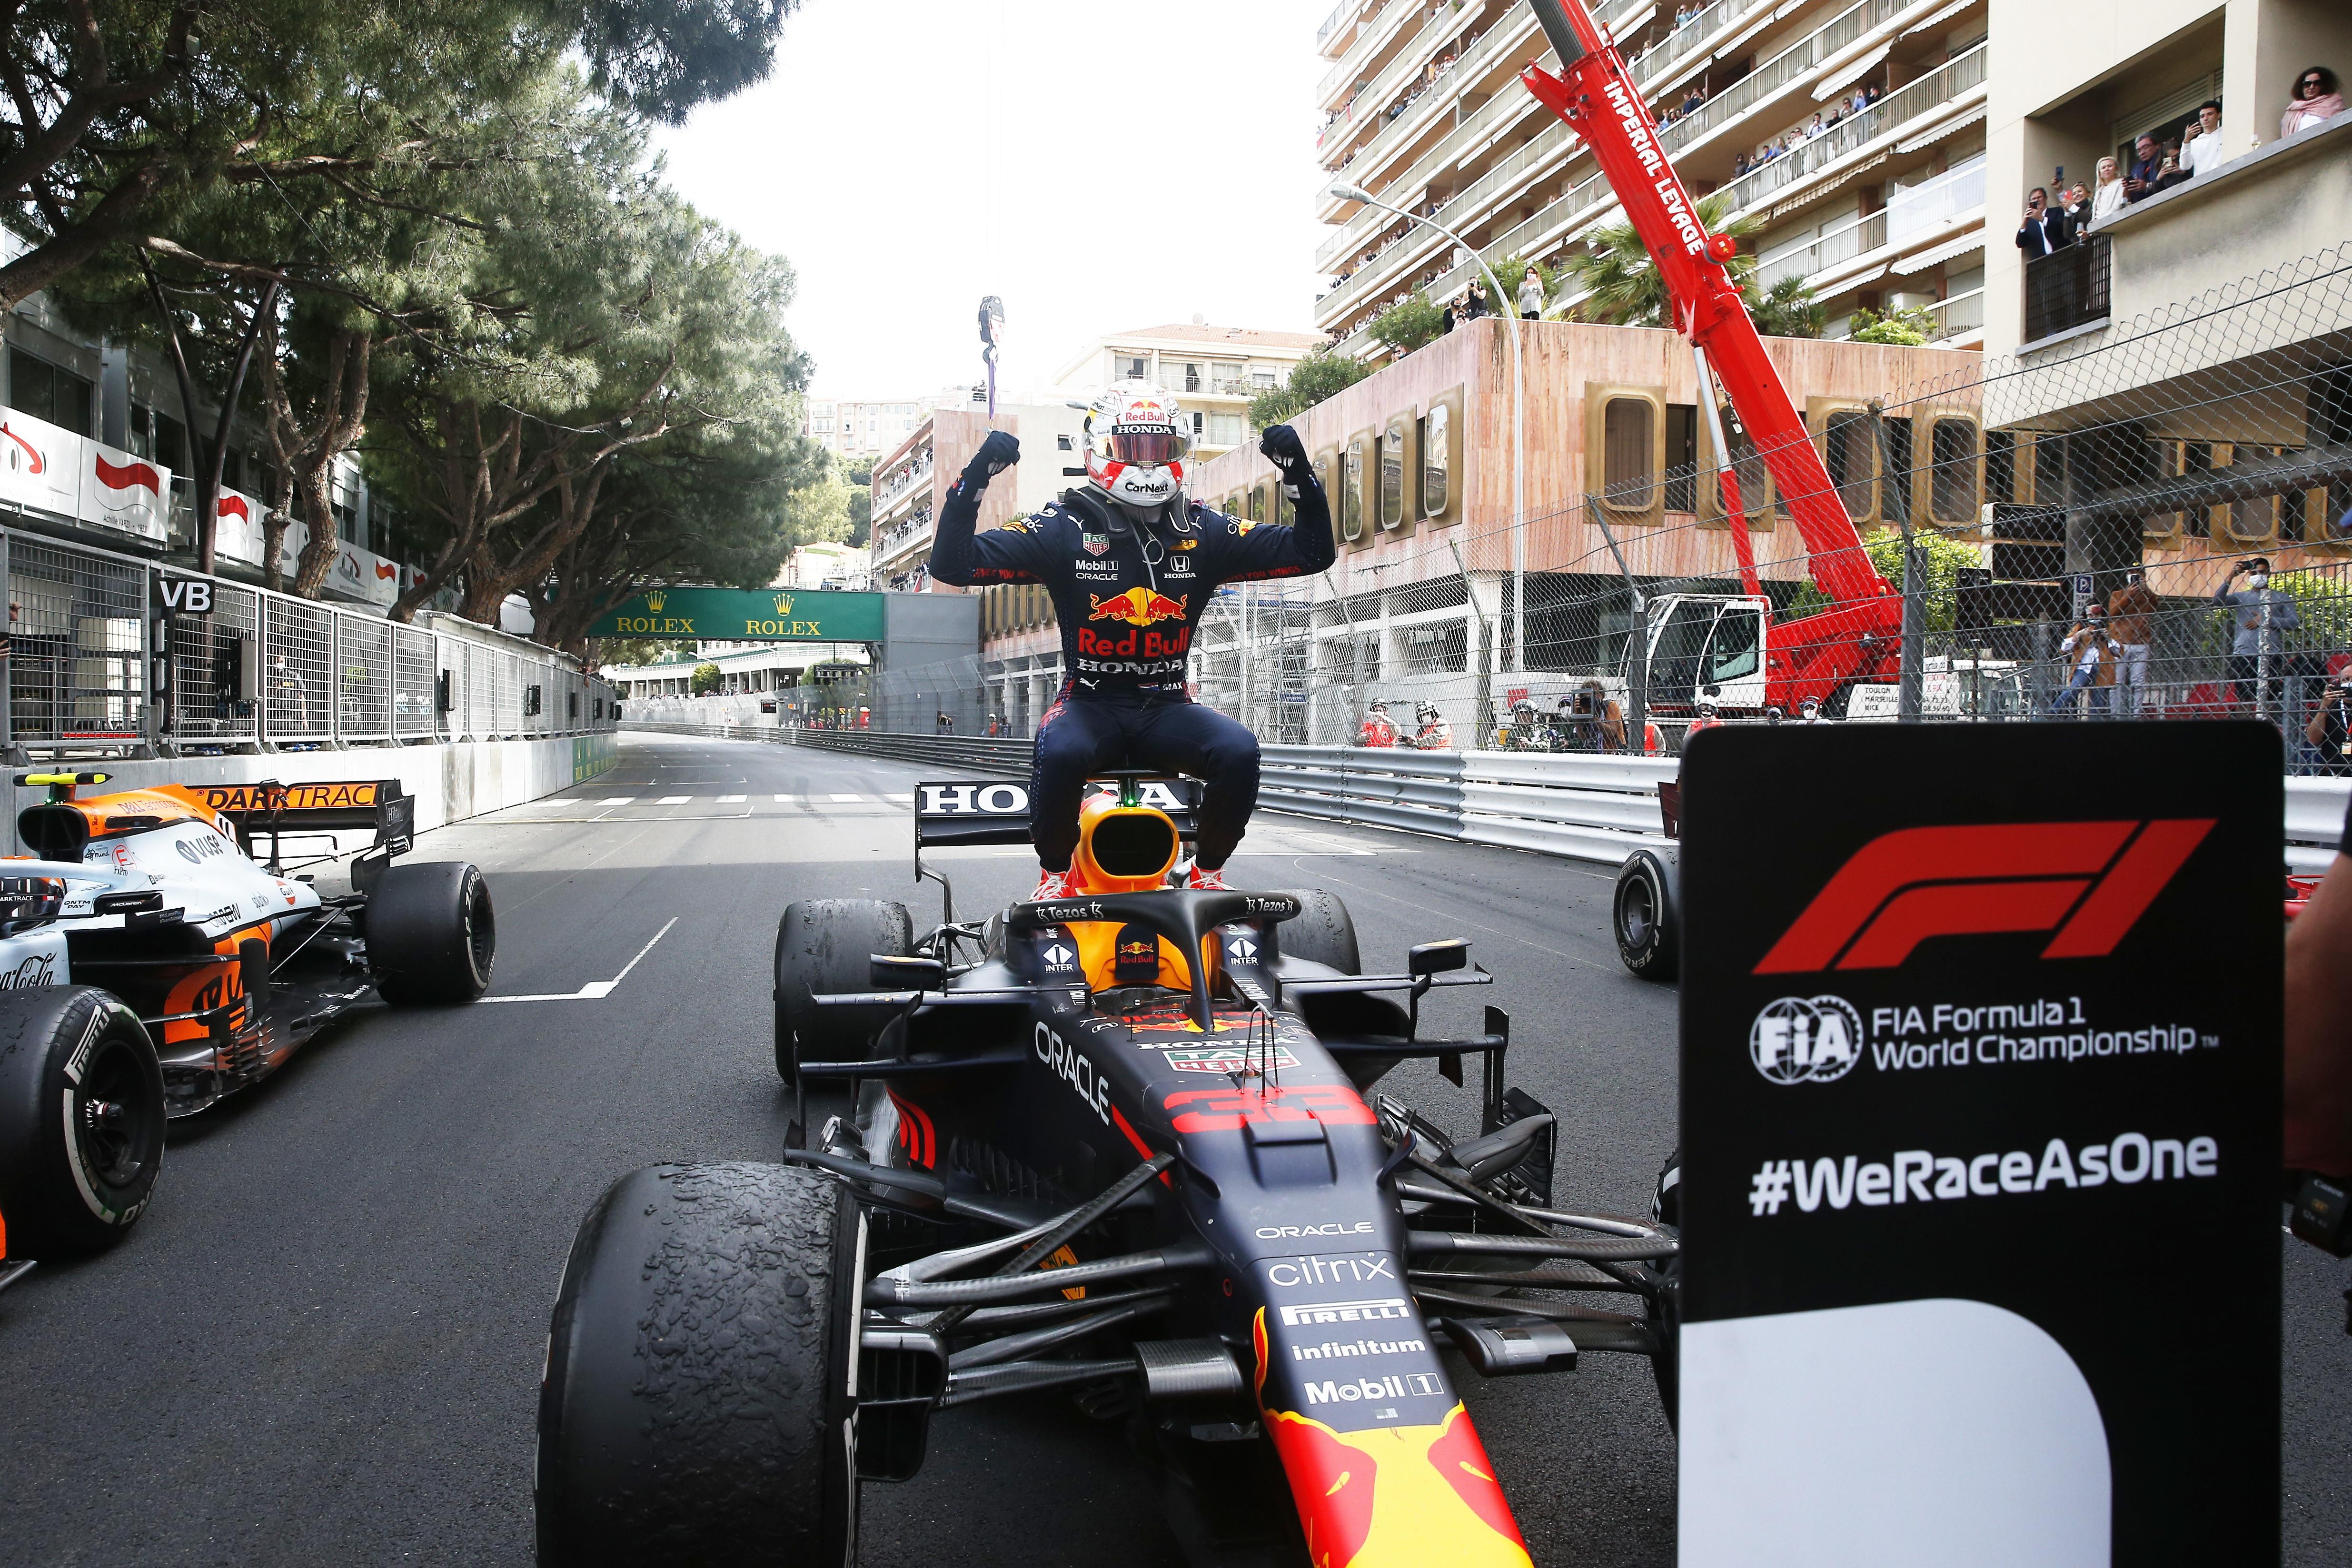 Il pilota Red Bull conquista il successo nel GP di Monte Carlo, quinta tappa del mondiale di Formula Uno, e supera Lewis Hamilton in classifica generale.<br /><br />